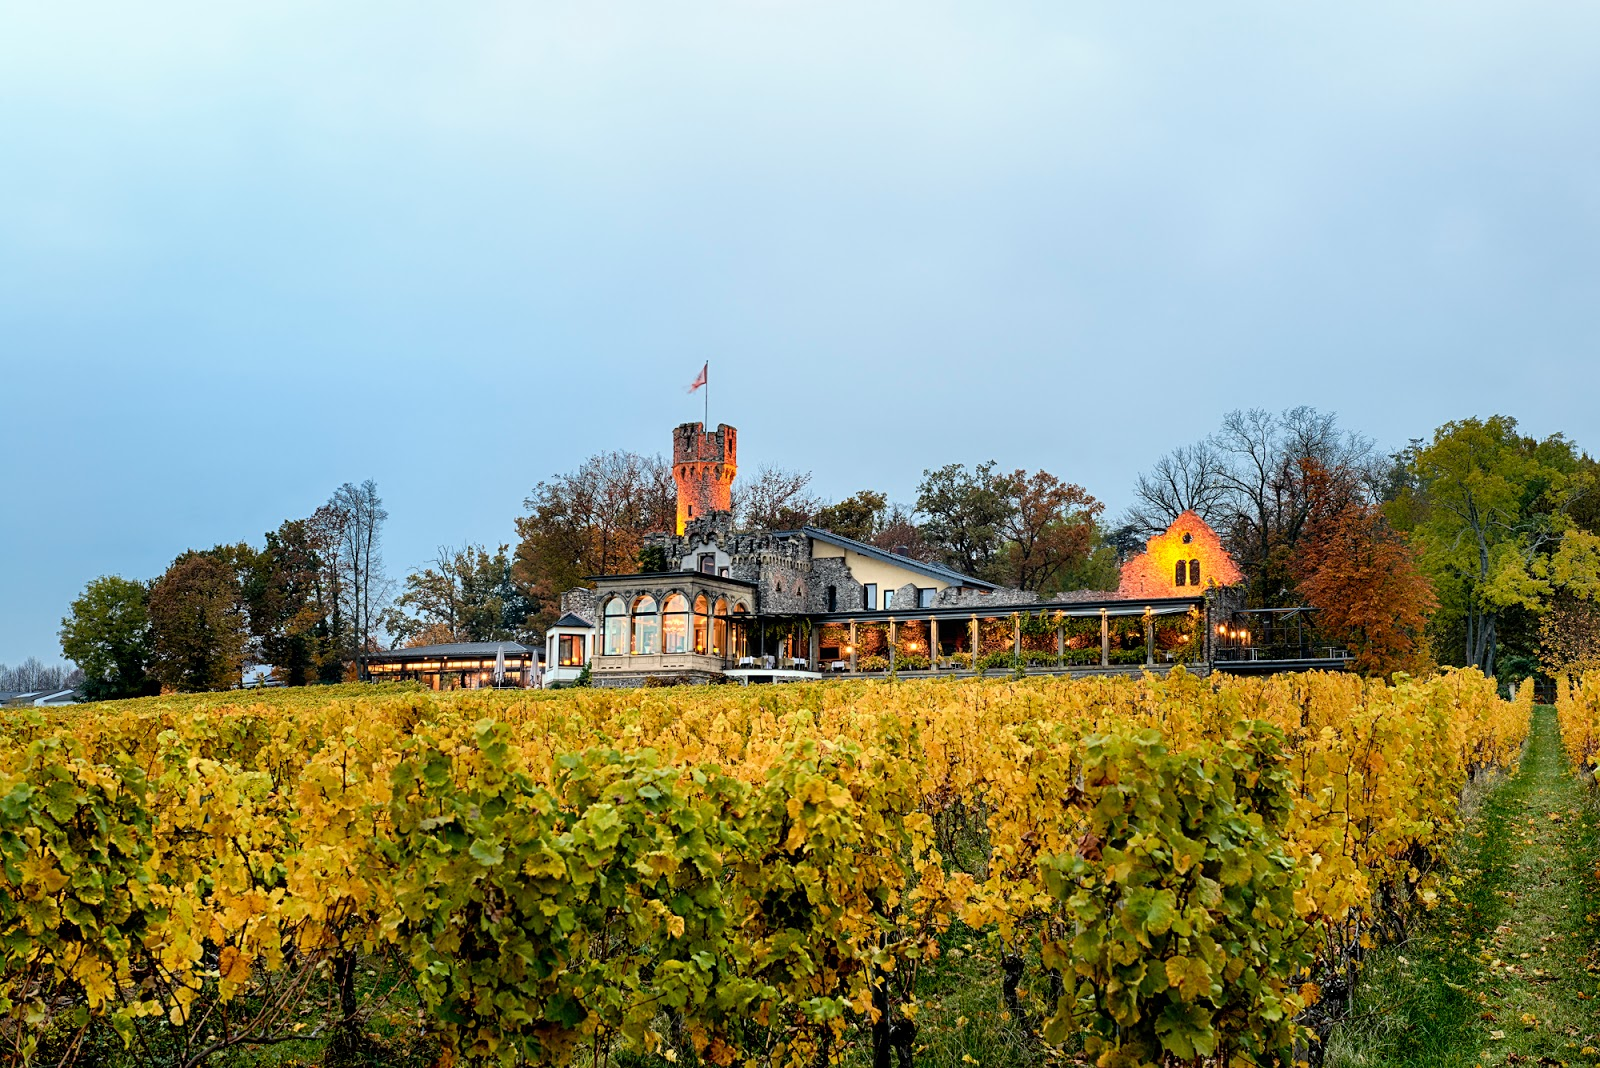 Blick auf Burg Schwarzenstein mit Restaurant Nils Henkel (JRE), Bildnachweis: Restaurant Nils Henkel | Arthurs Tochter kocht von Astrid Paul